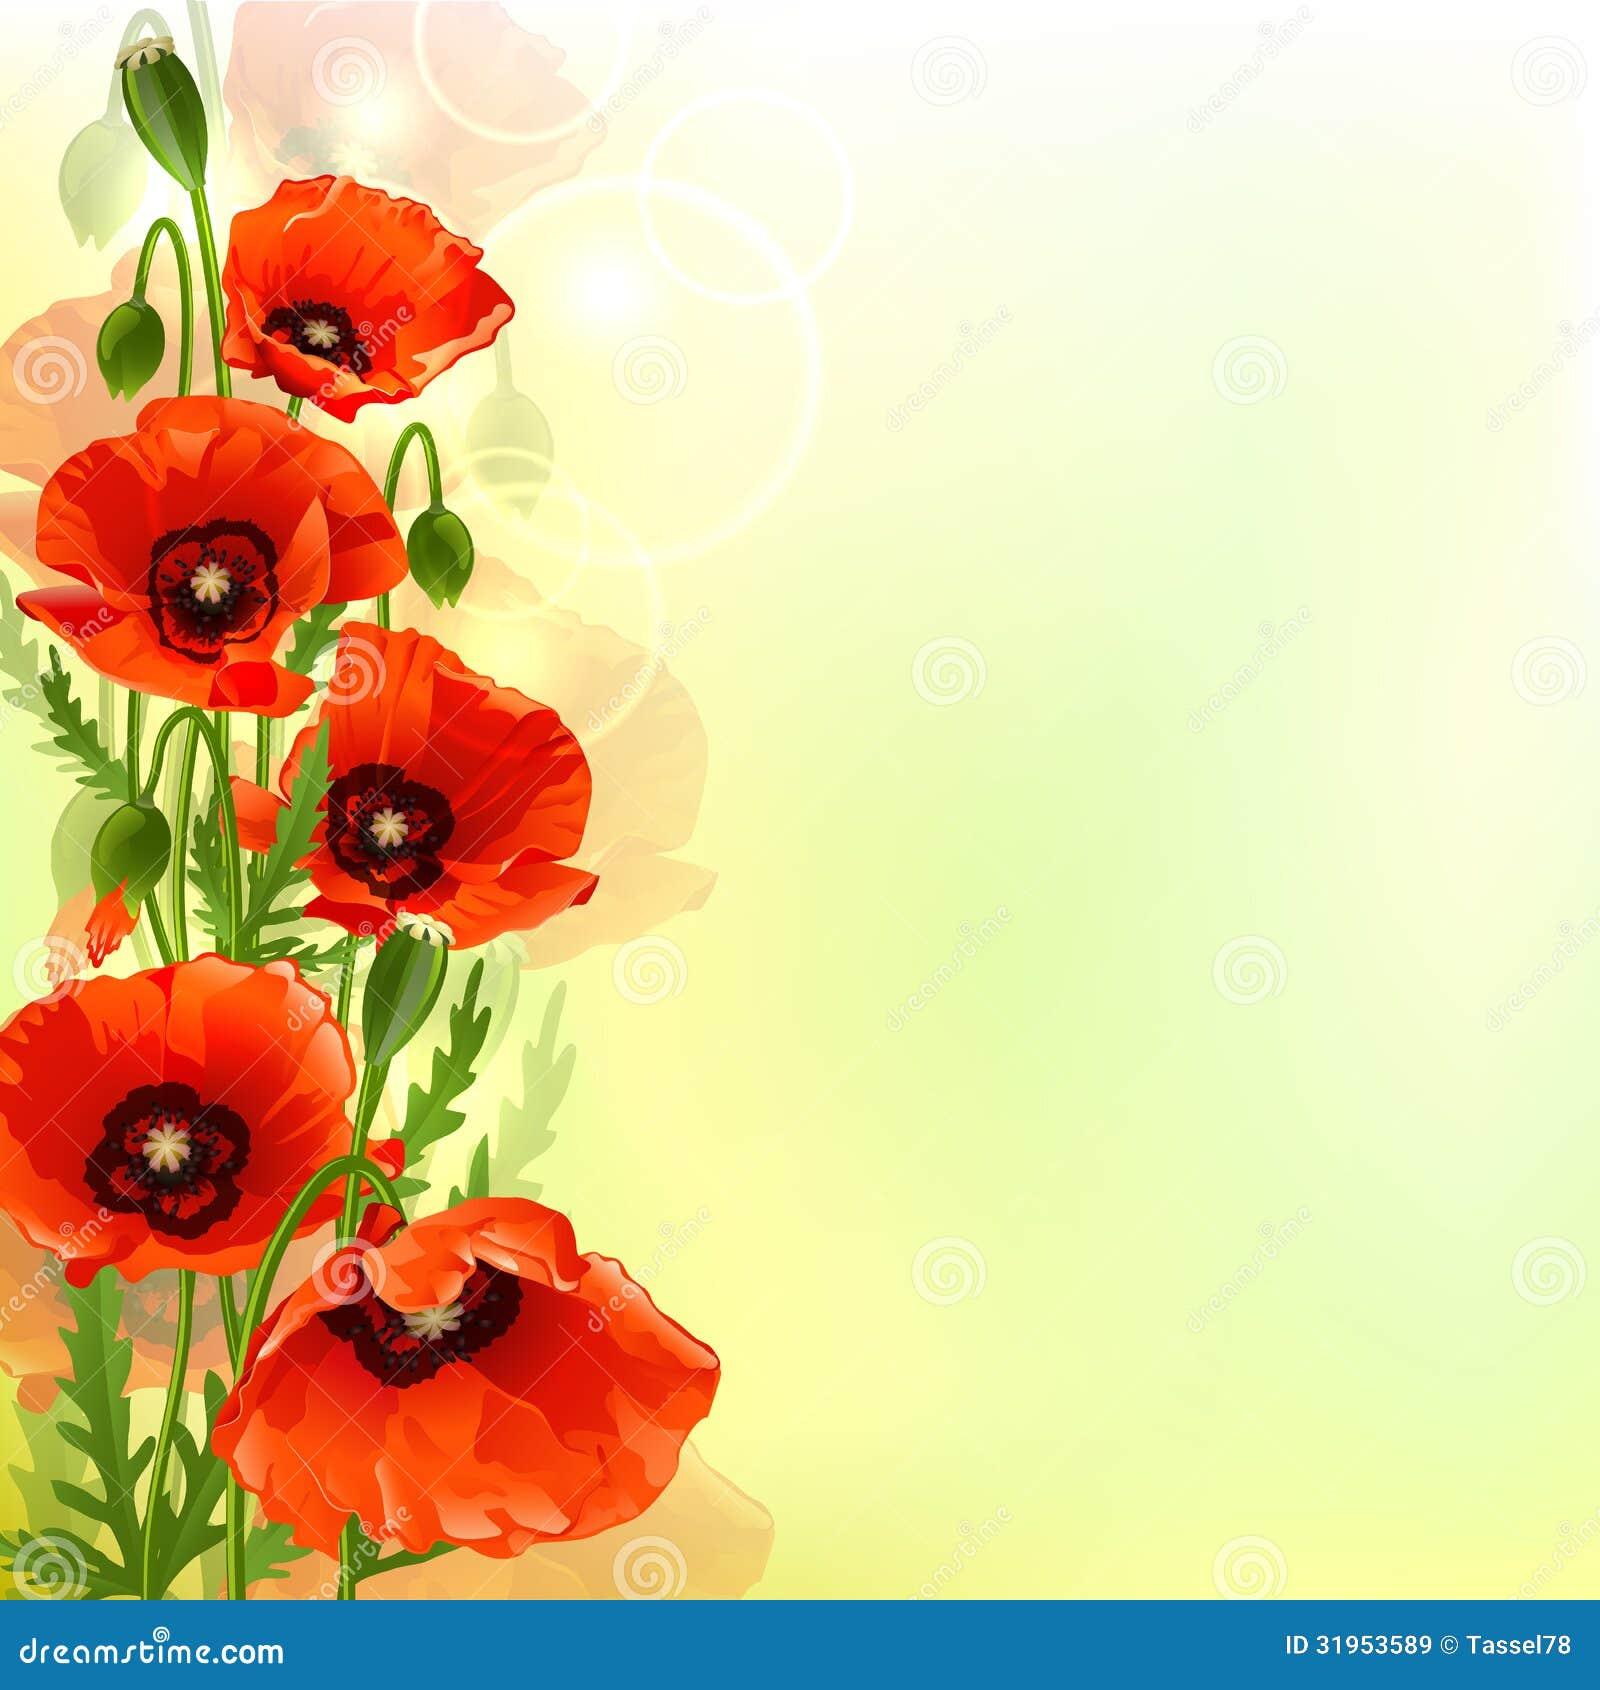 poppy red background - photo #27